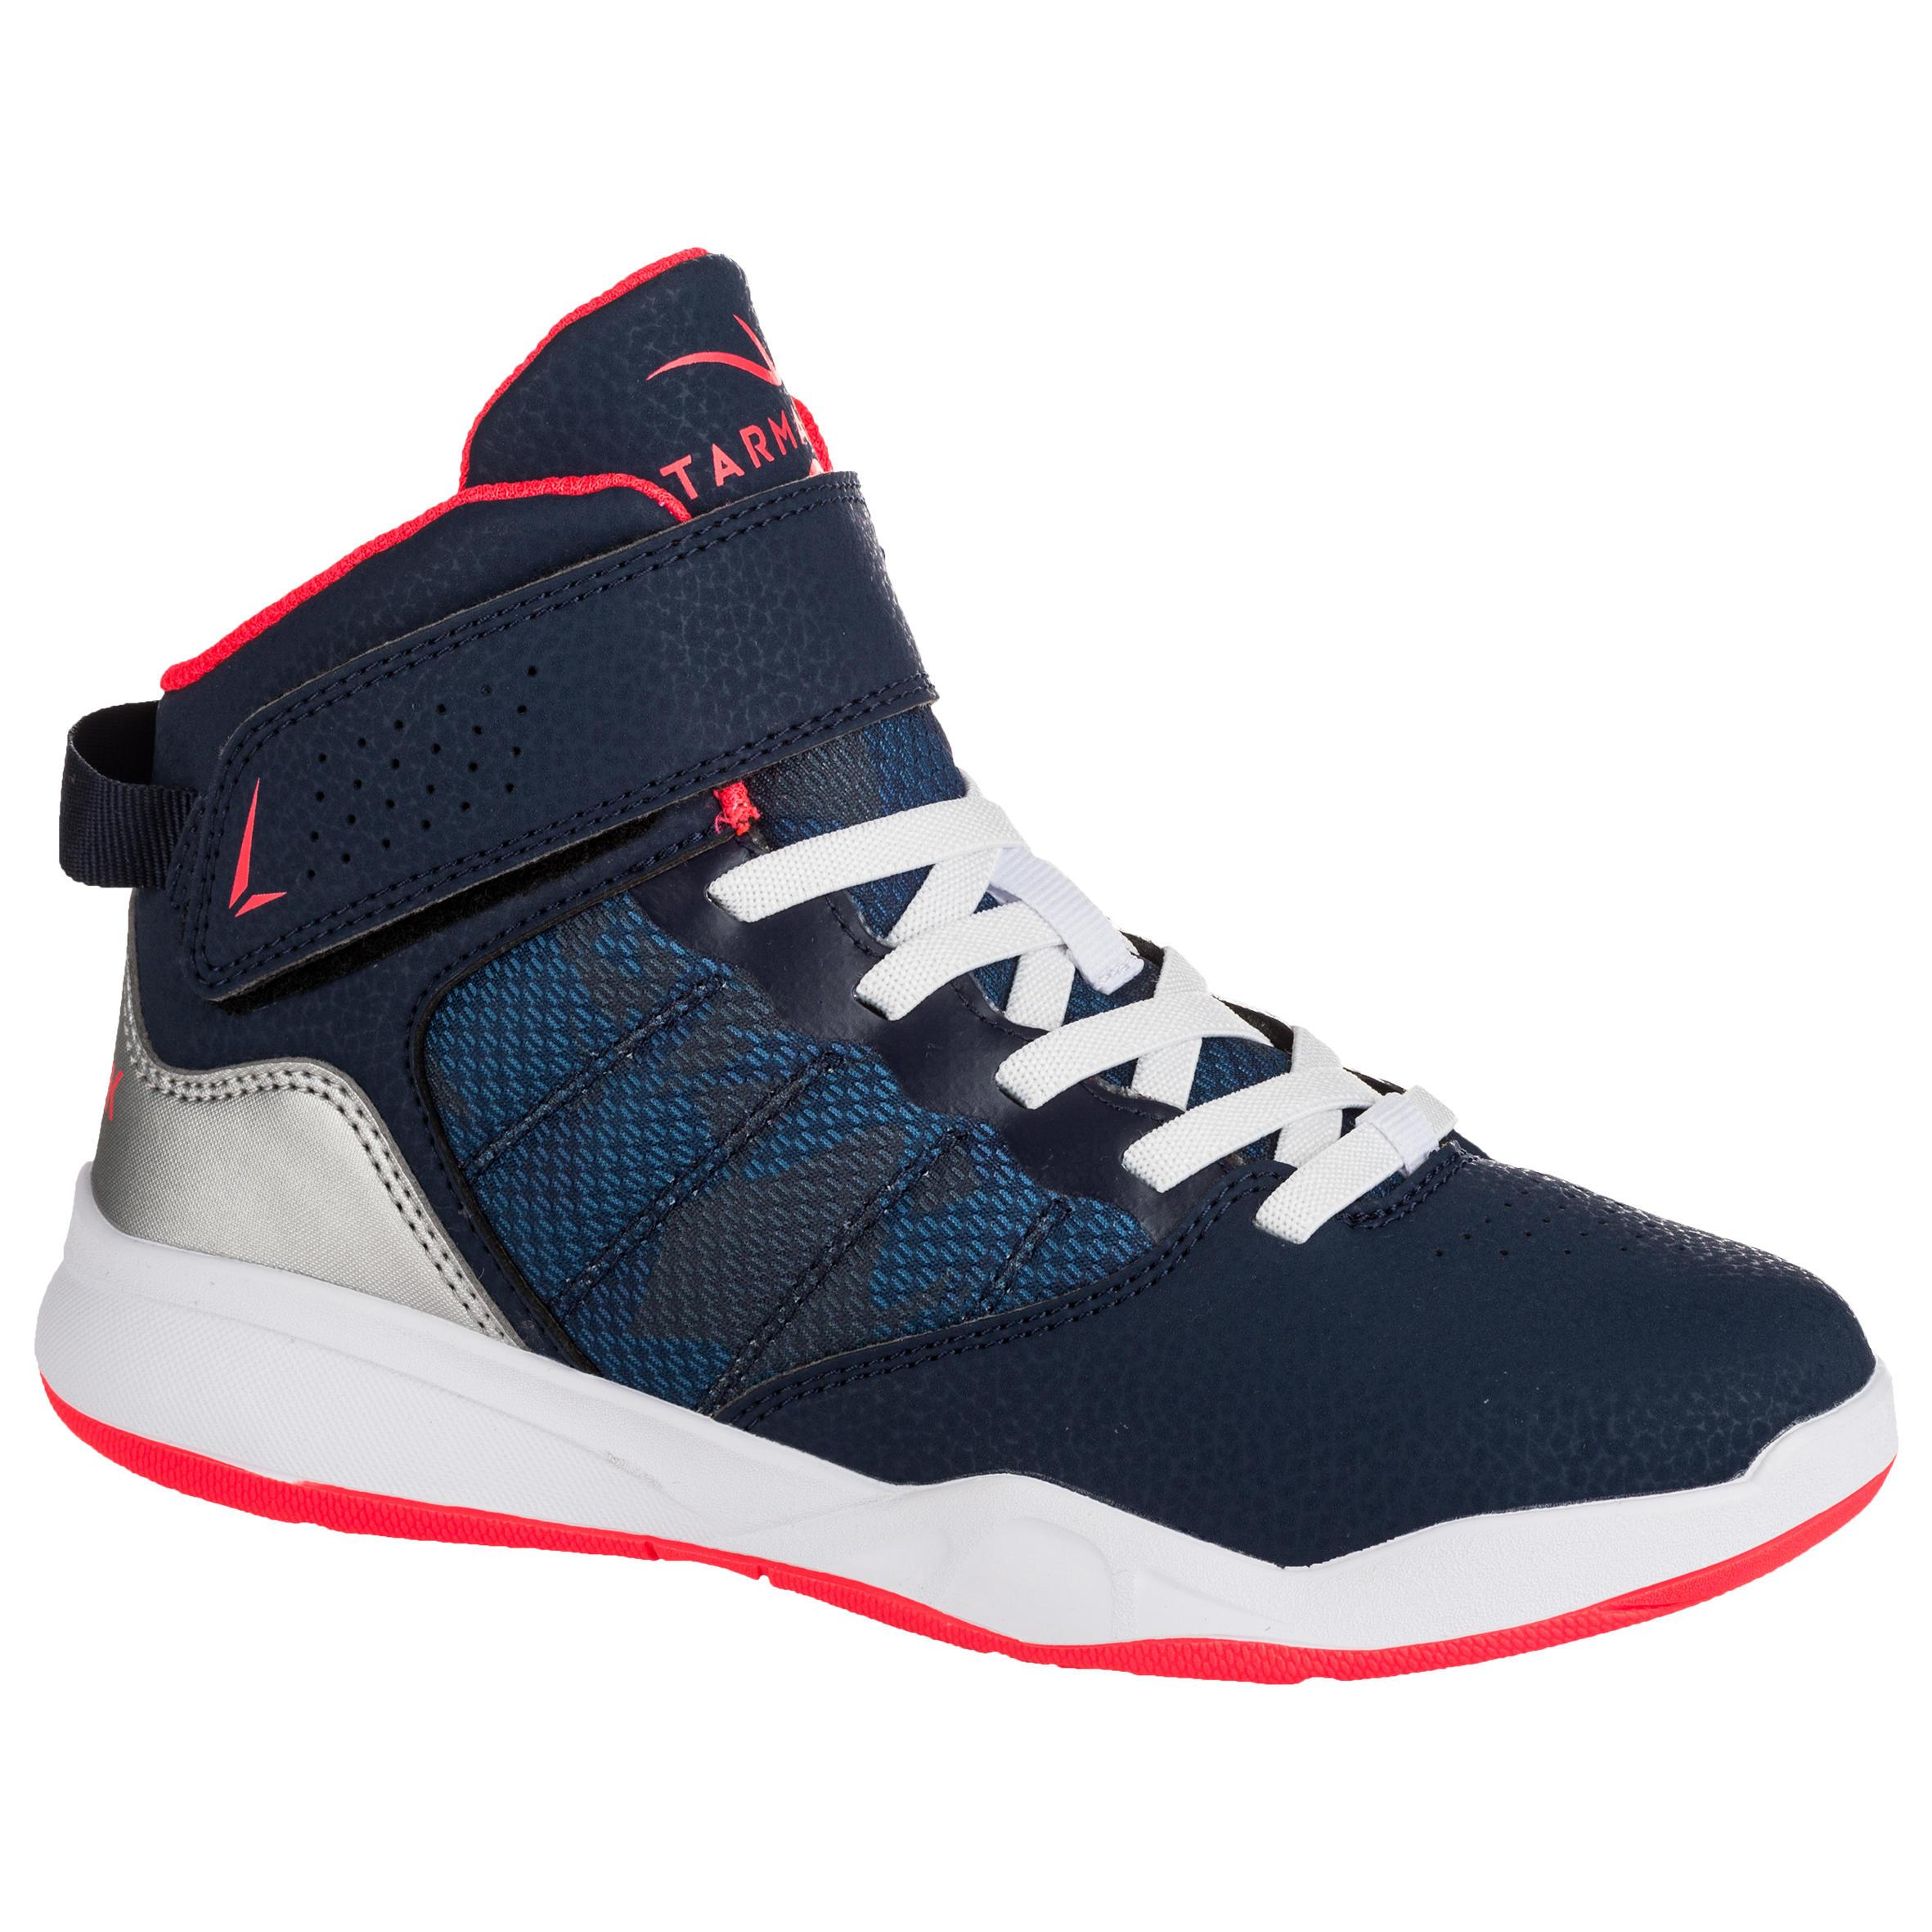 a0fb7247abaa4 Chaussures de Basketball